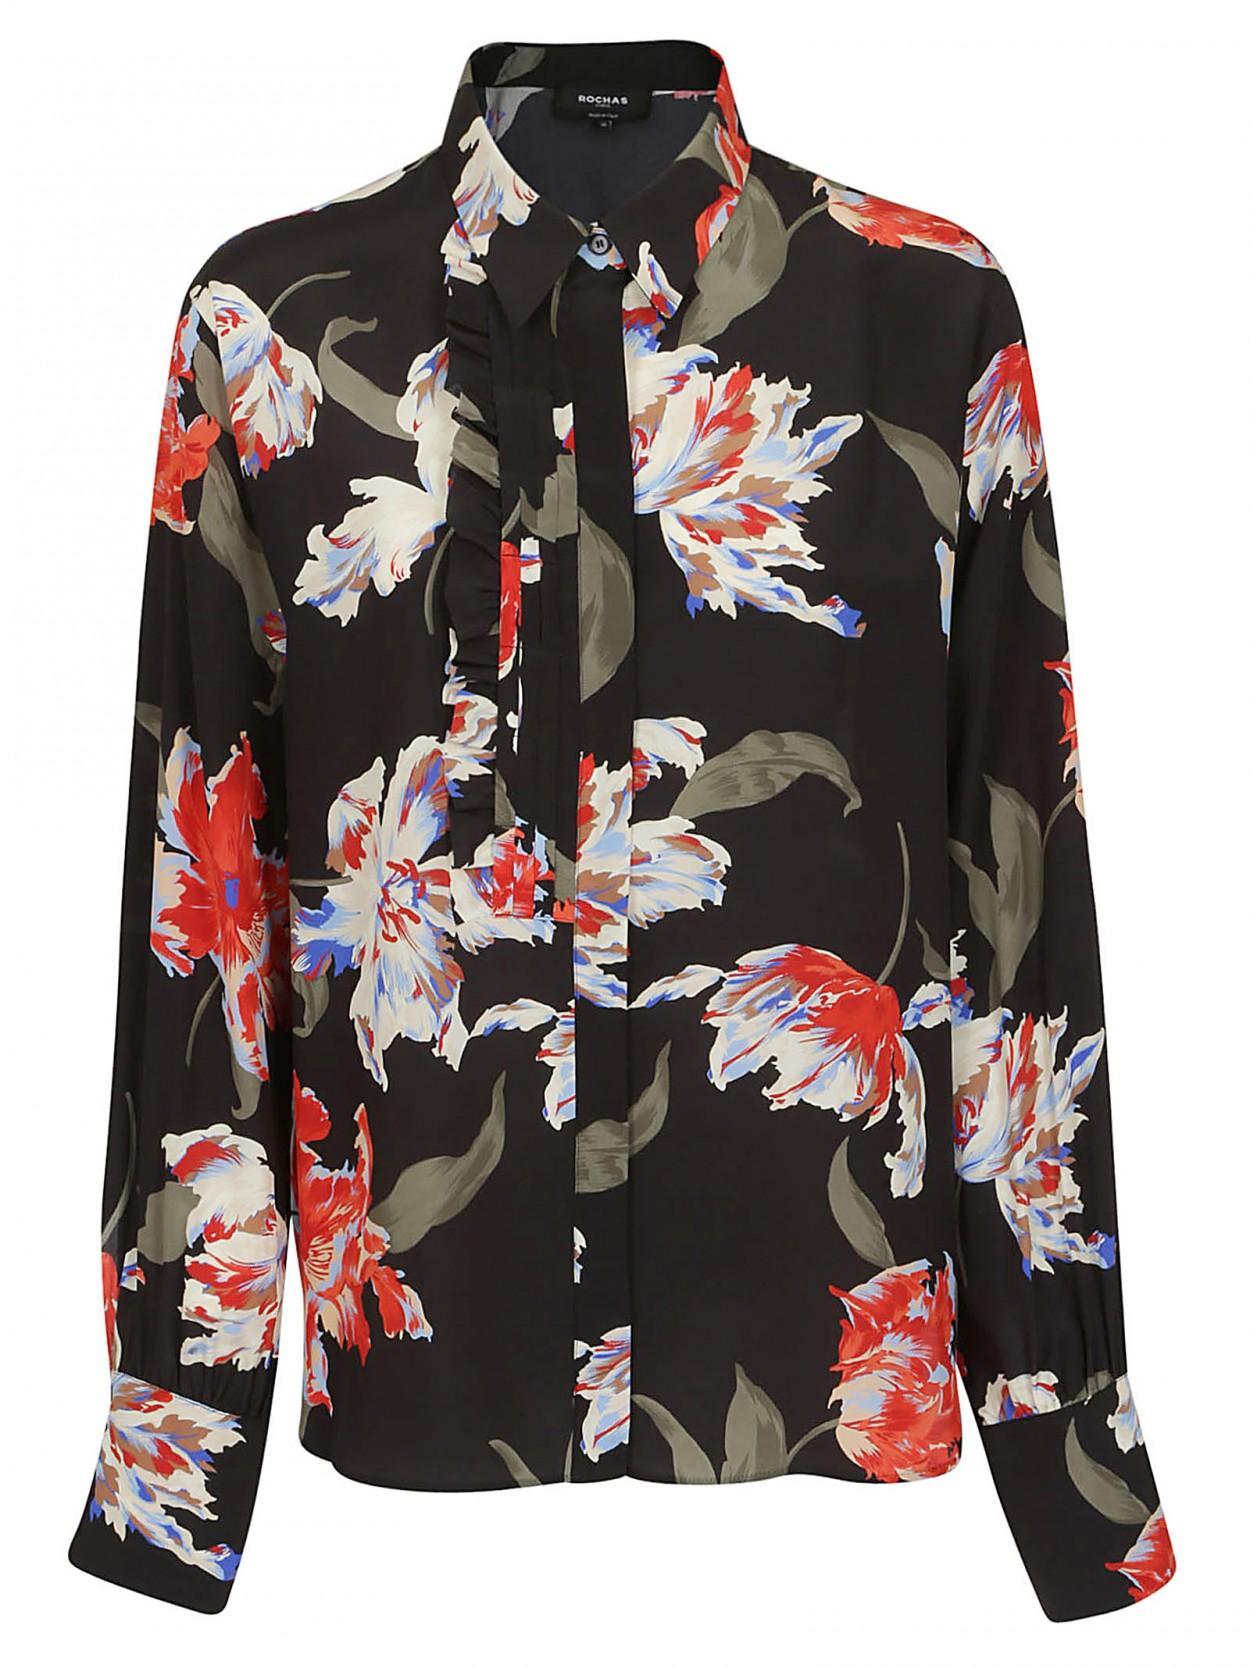 promo code a6945 dc572 Rochas ROCHAS camicia nera a fiori in seta in Black - Lyst